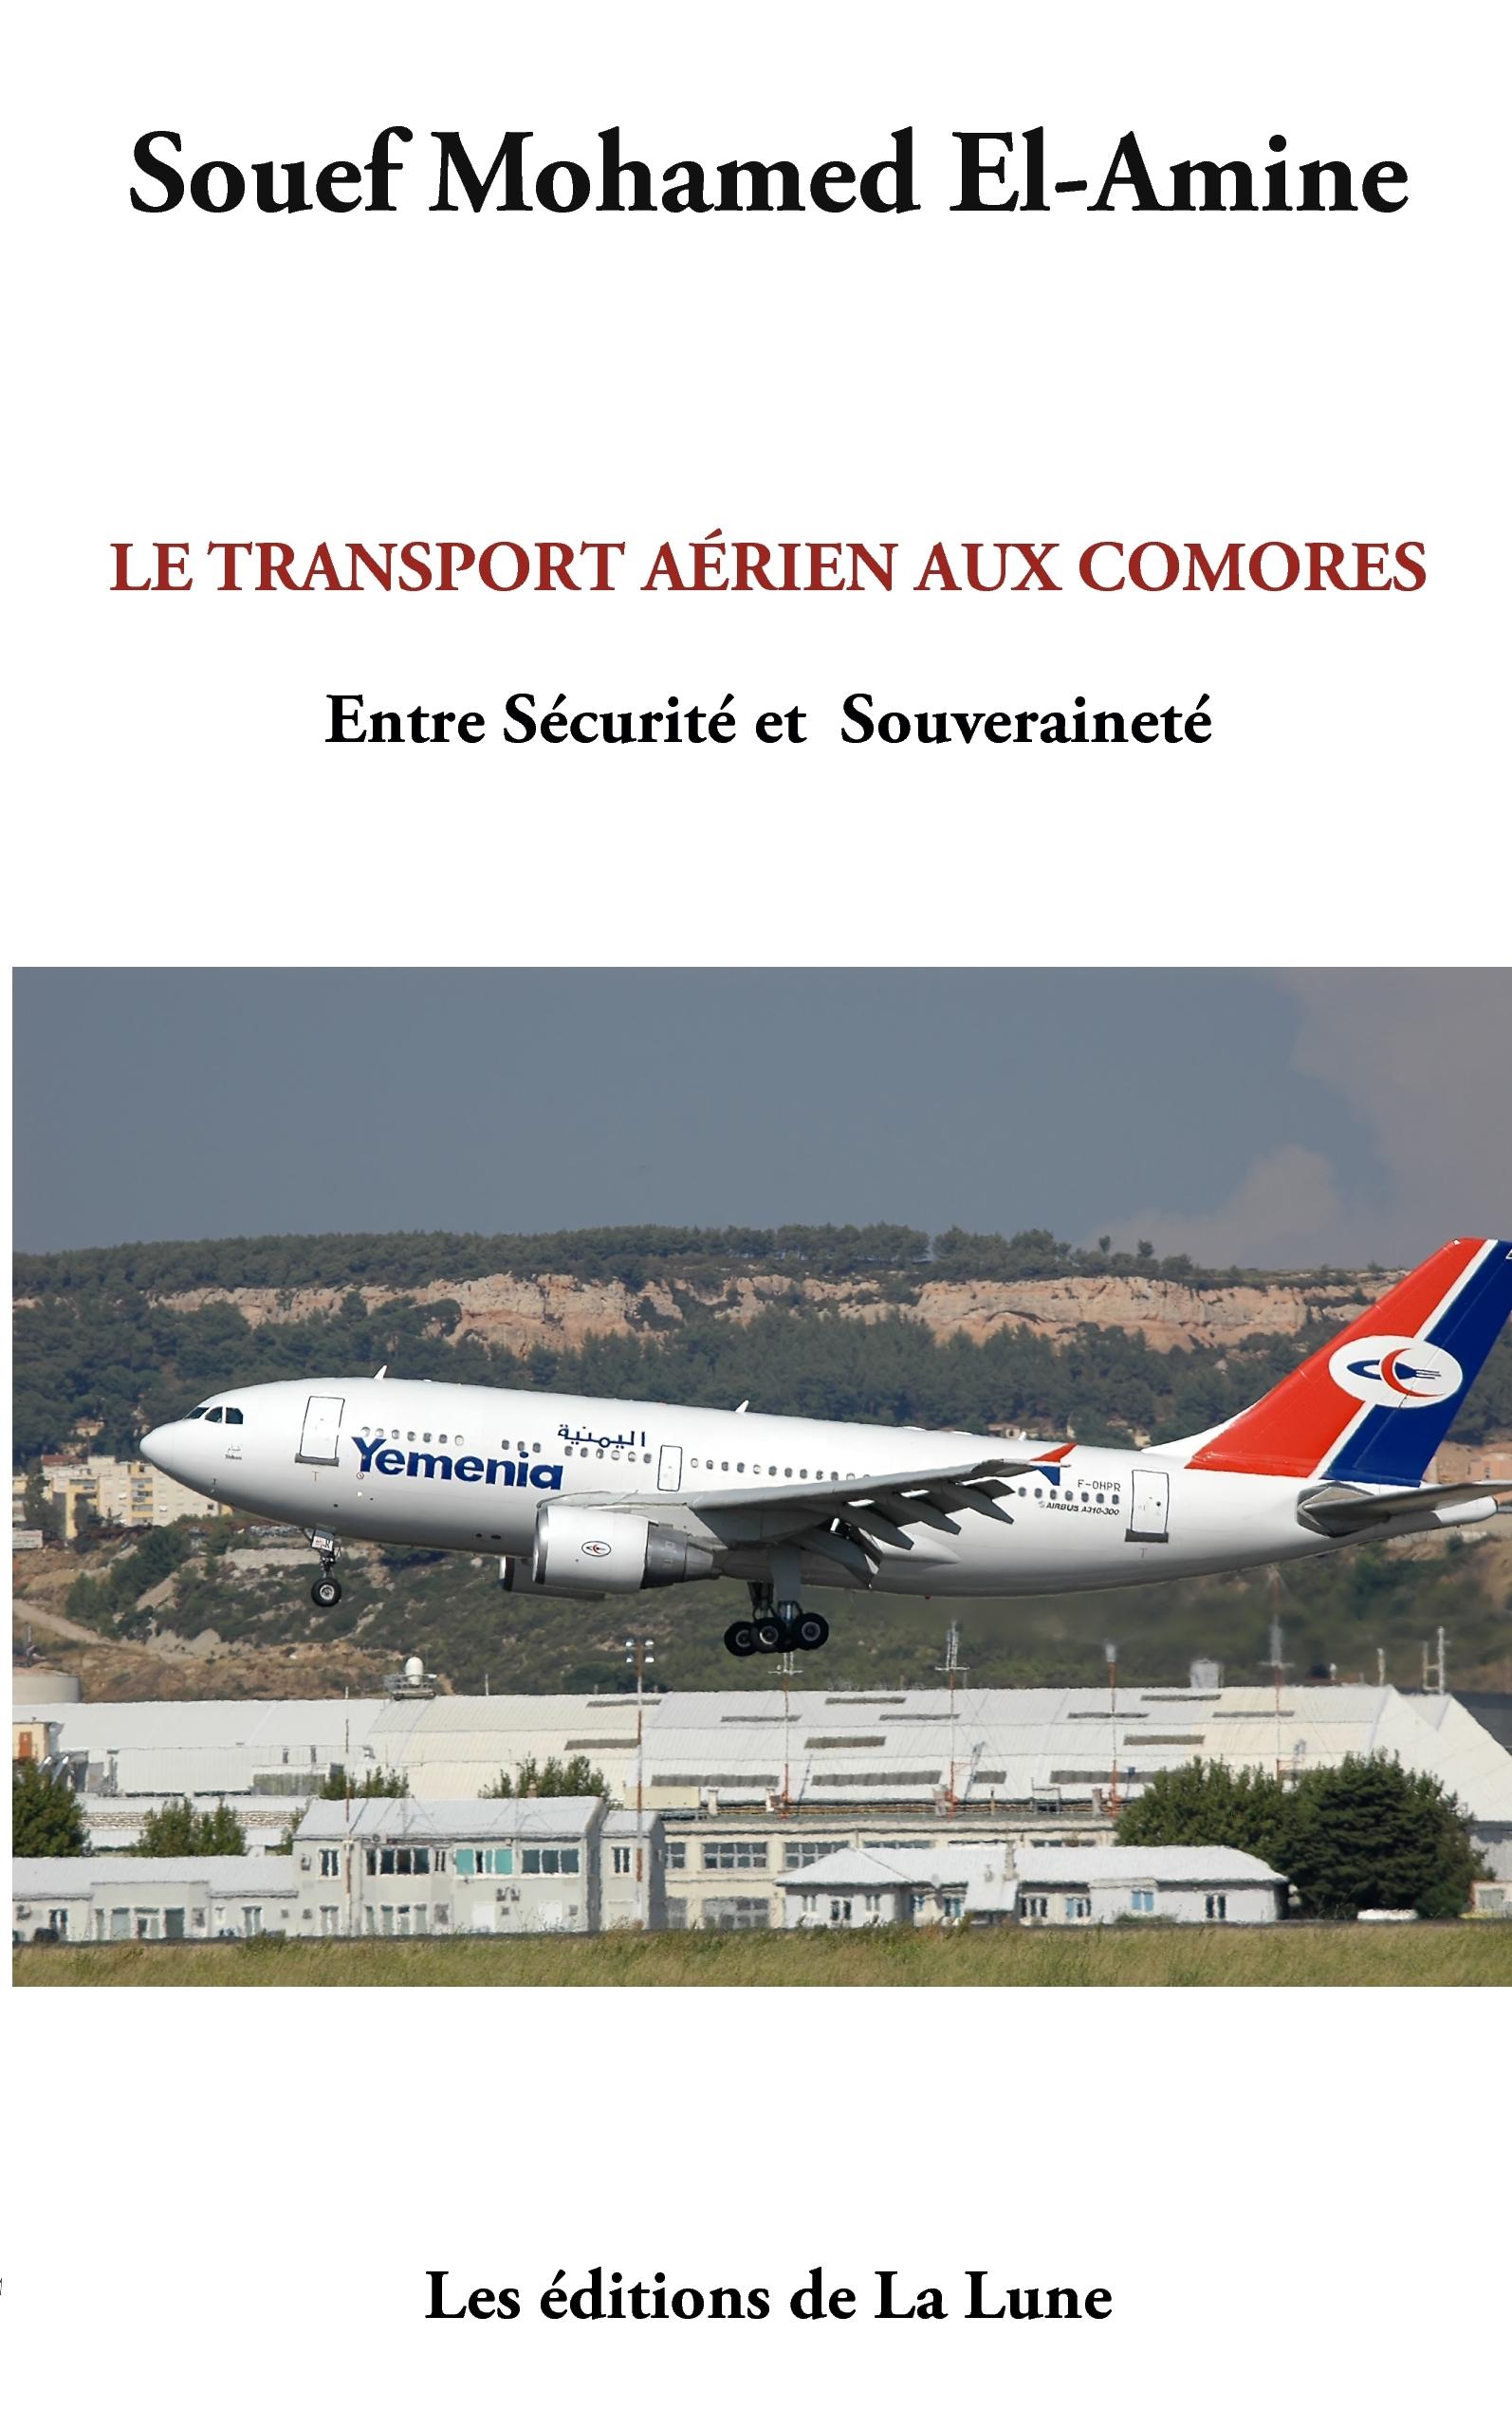 LE TRANSPORT AERIEN AUX COMORES